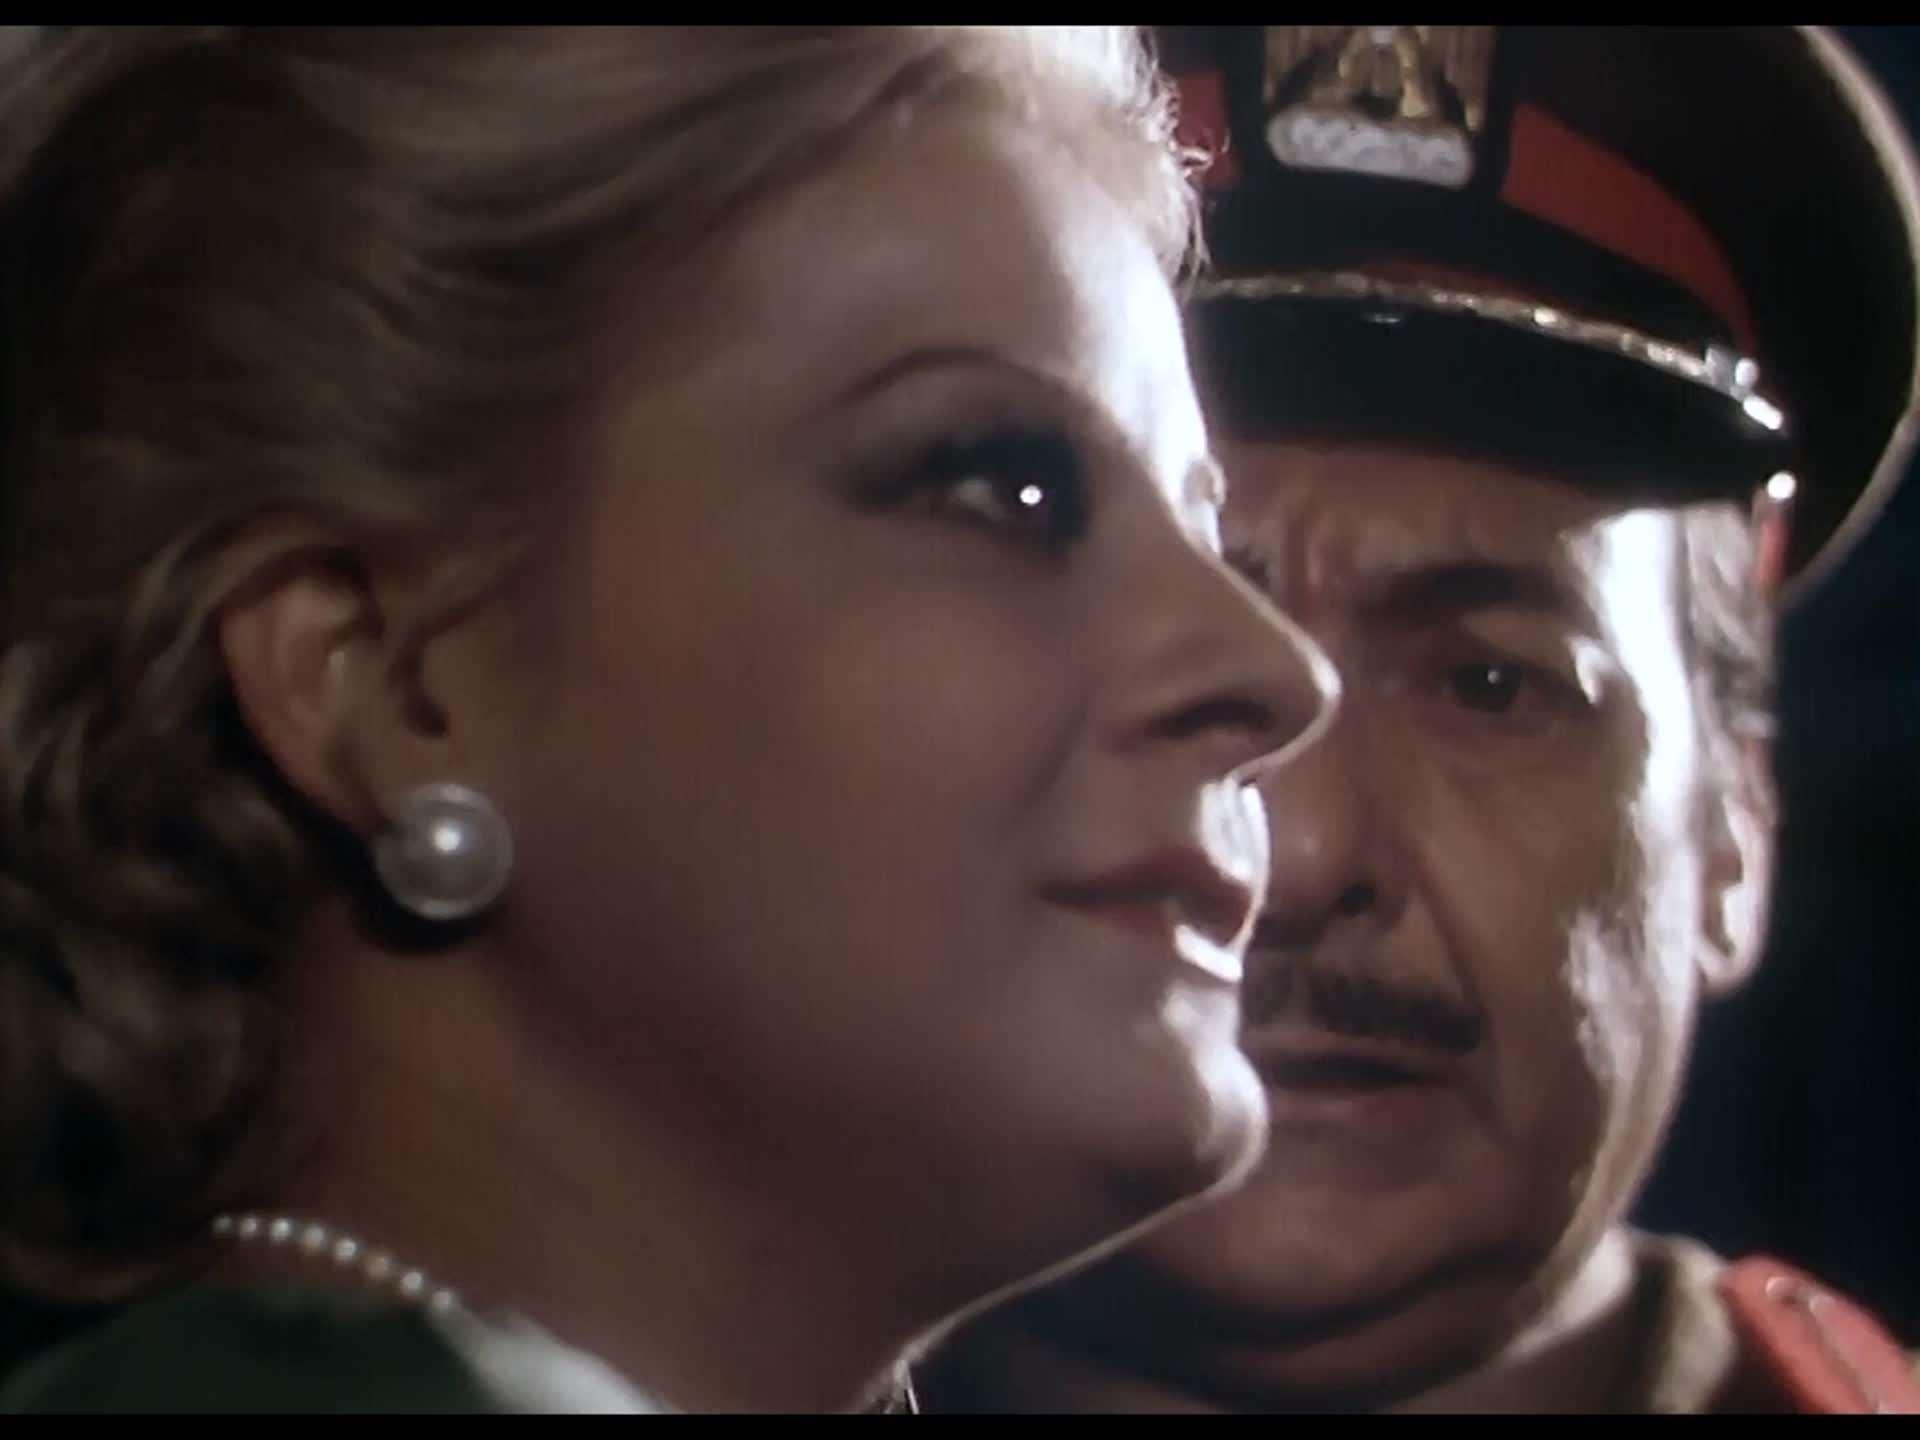 [فيلم][تورنت][تحميل][وراء الشمس][1978][1080p][Web-DL] 19 arabp2p.com